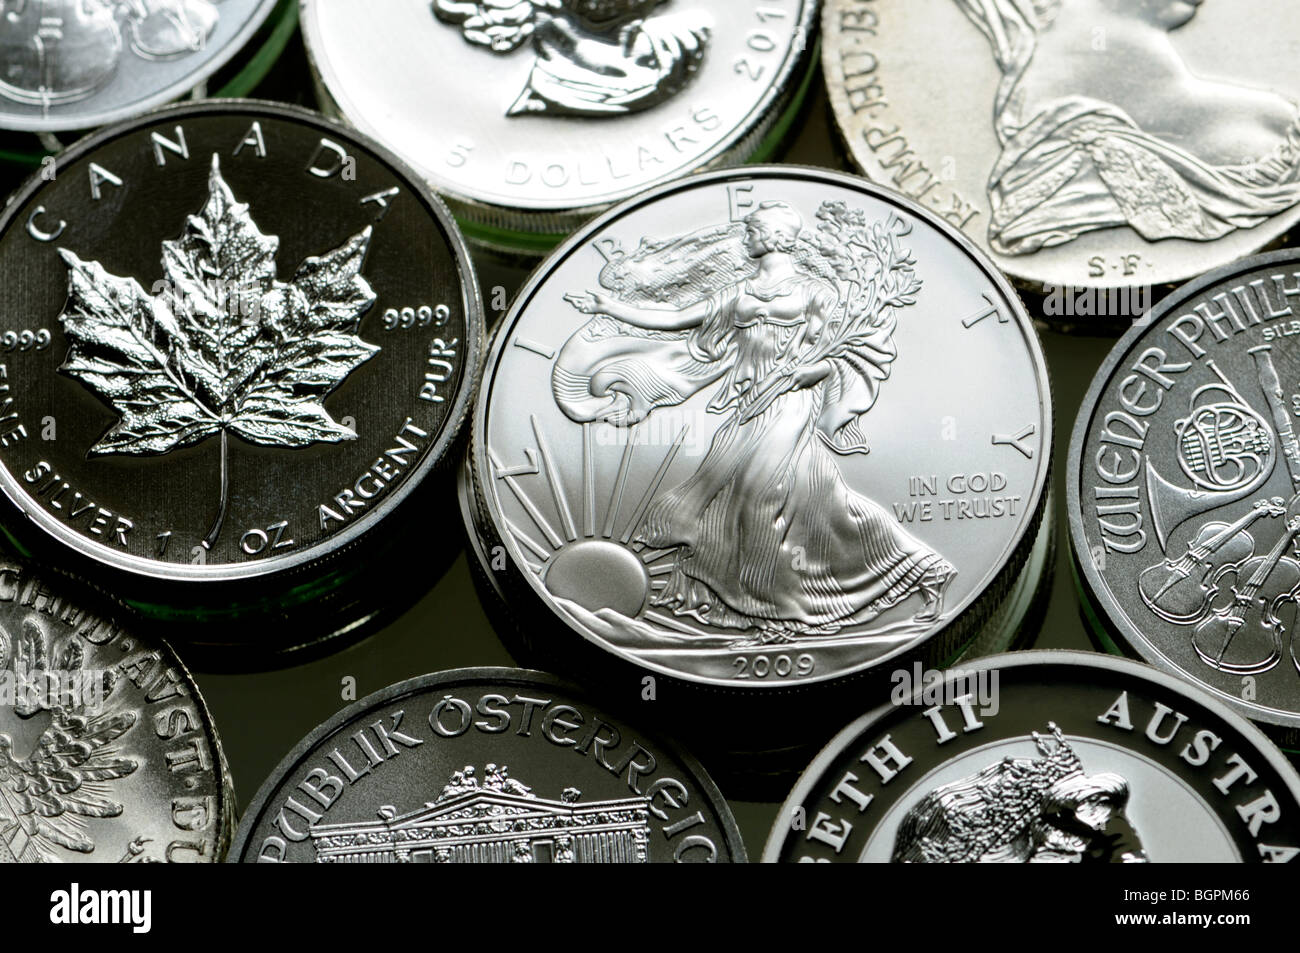 Des pièces de monnaie de lingot argent pur à partir de la France, le Canada, l'Autriche et l'Australie Banque D'Images